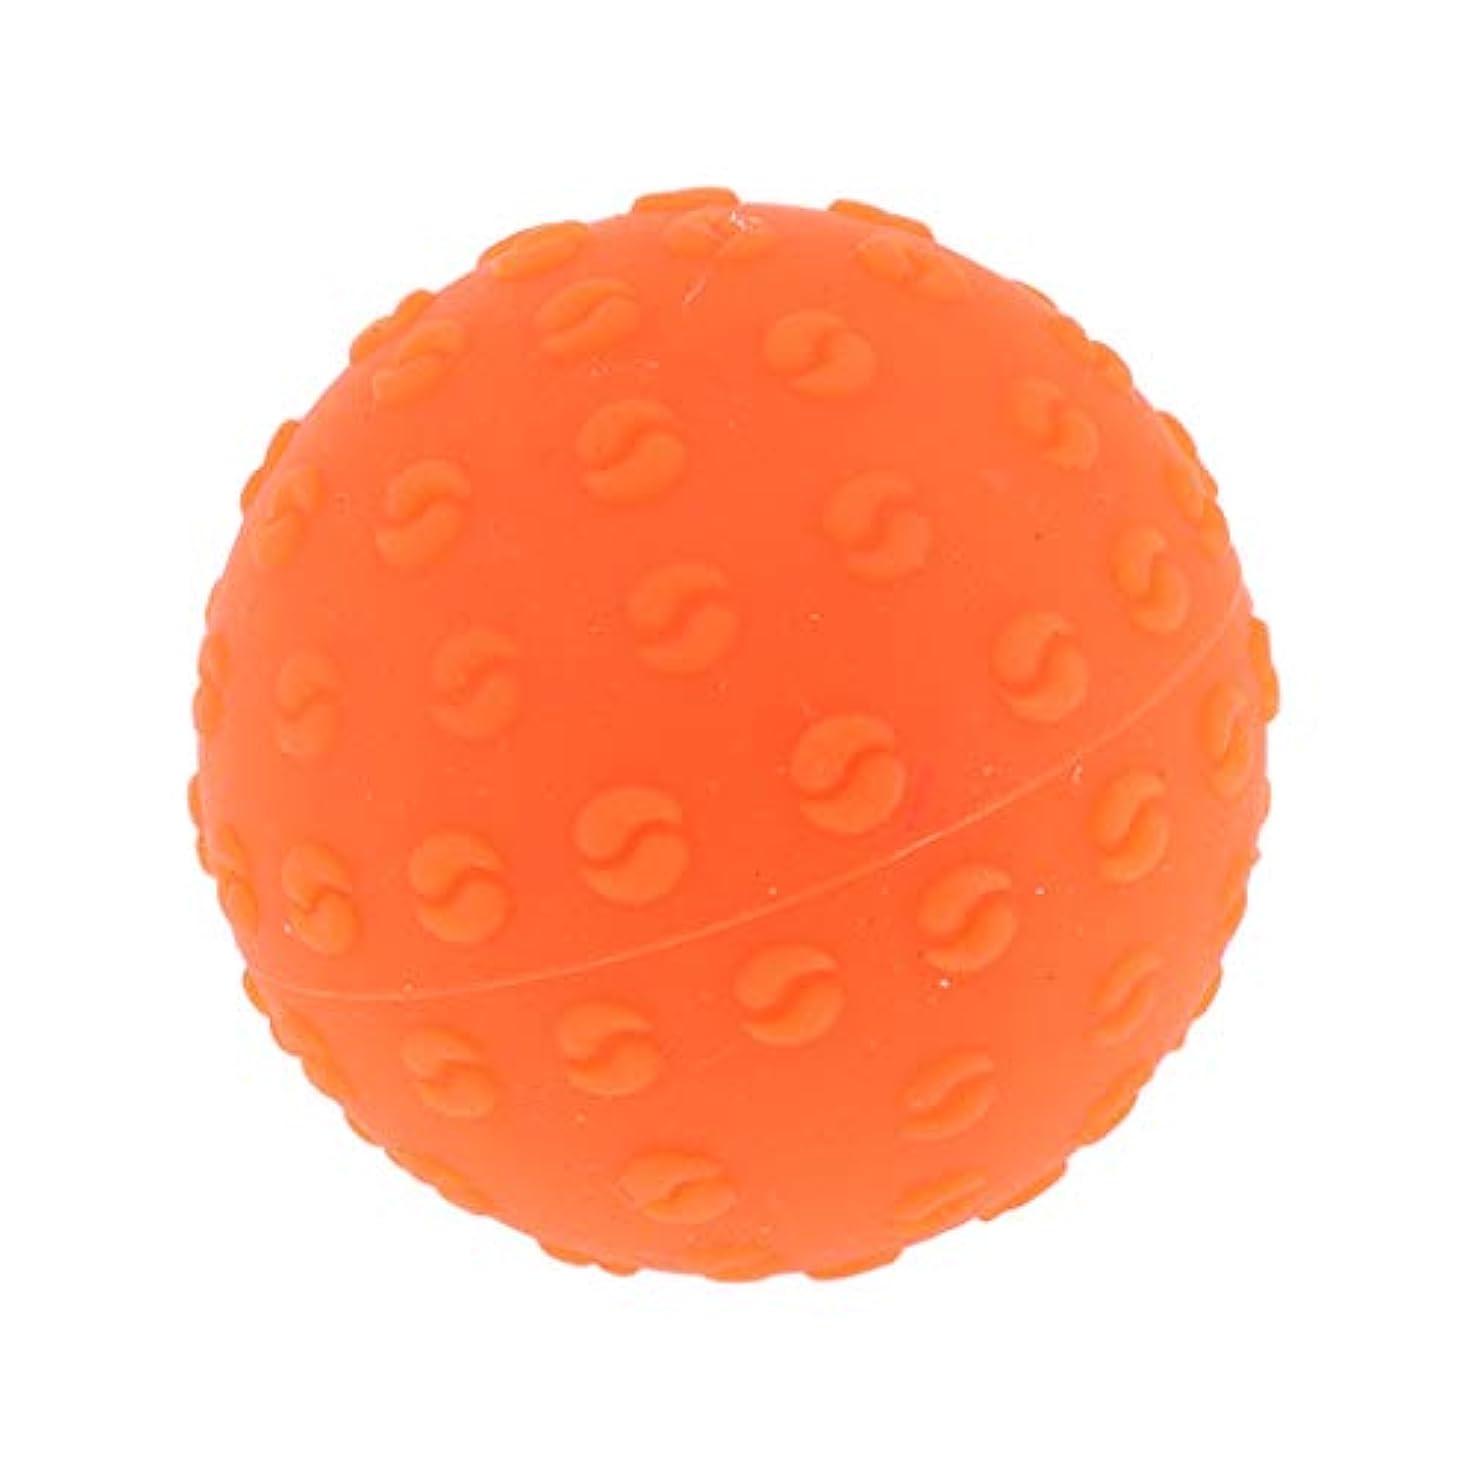 落花生昼間非行Perfeclan 全6色 マッサージボール 指圧ボール シリコーン トリガーポイント 足底筋膜炎 ヨガ 耐油性 快適 - オレンジ, 説明のとおり